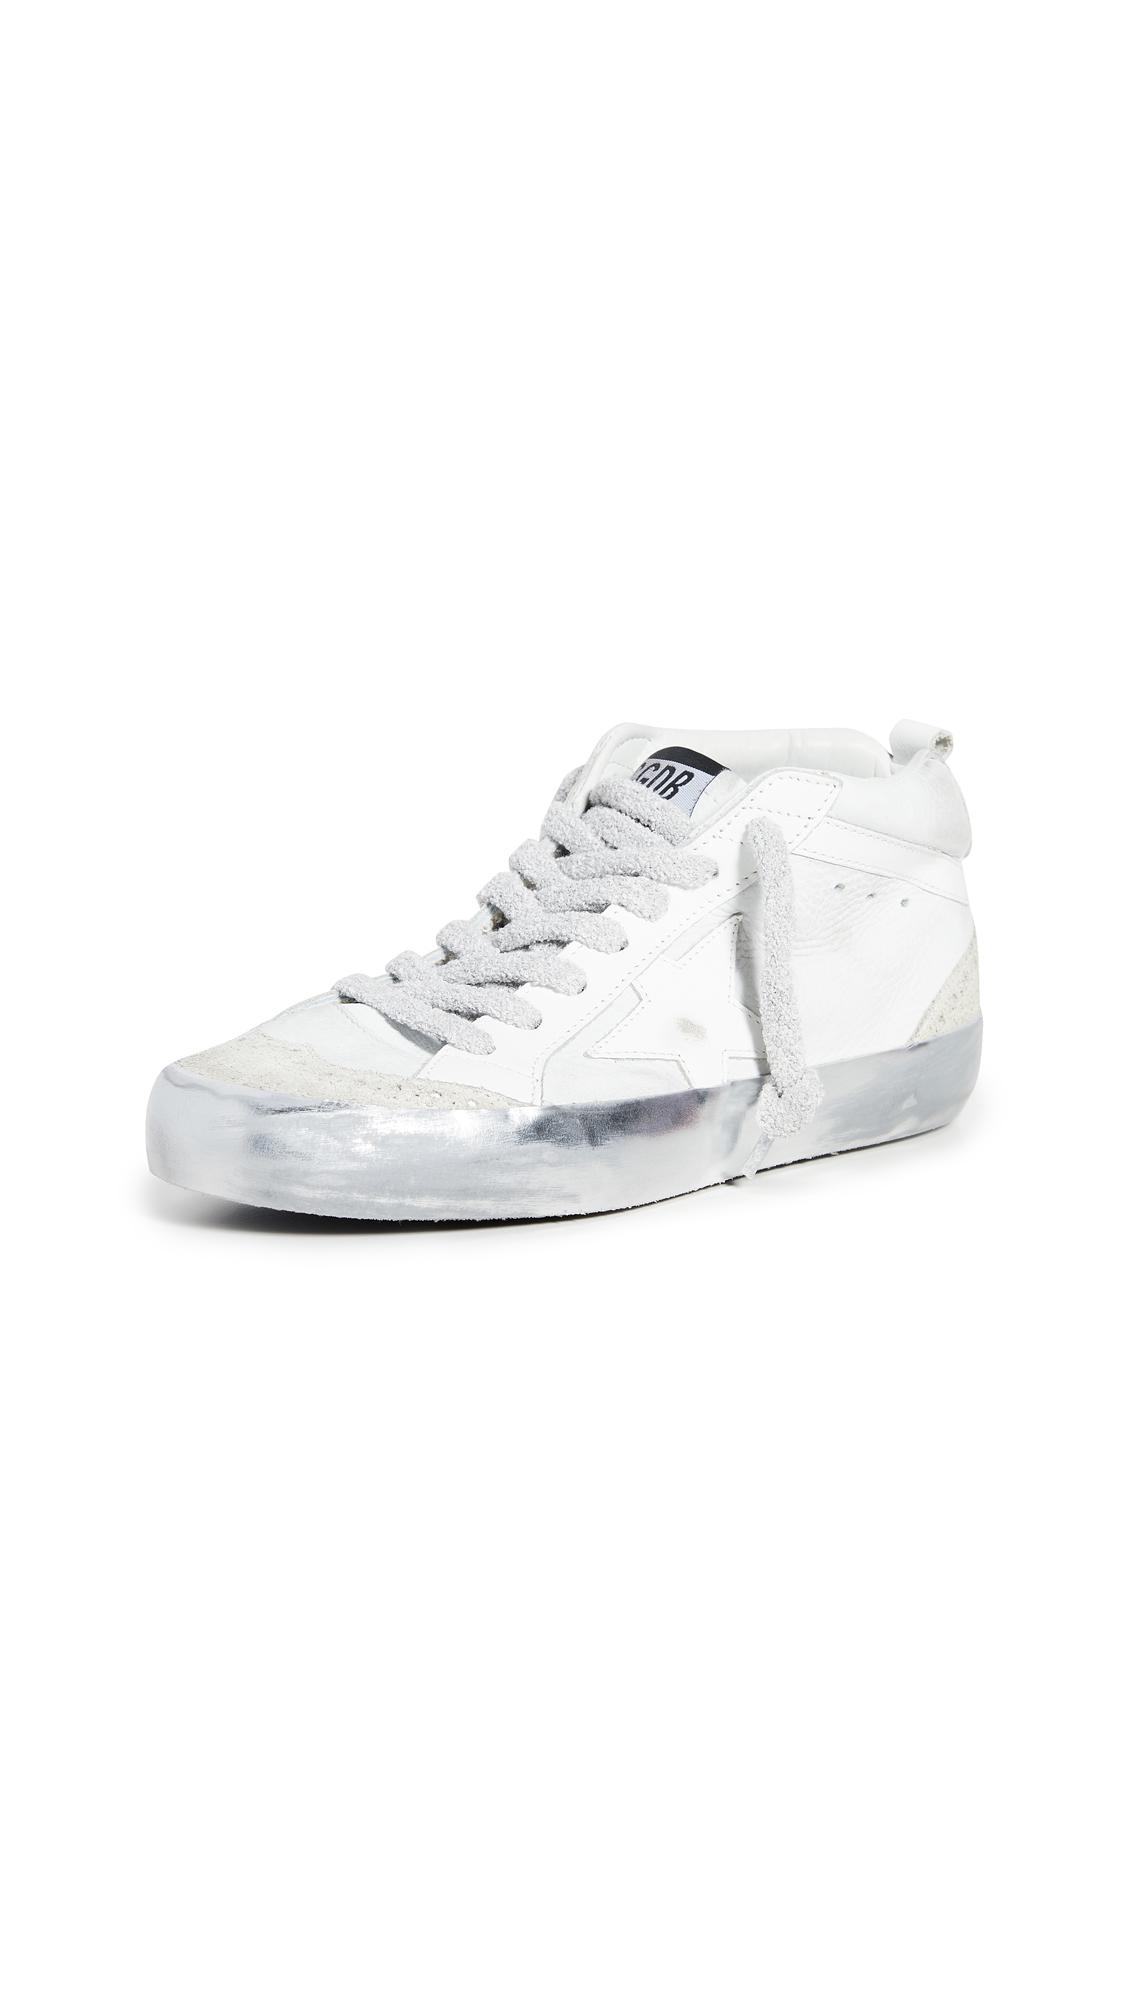 Buy Golden Goose Mid Star Sneakers online, shop Golden Goose